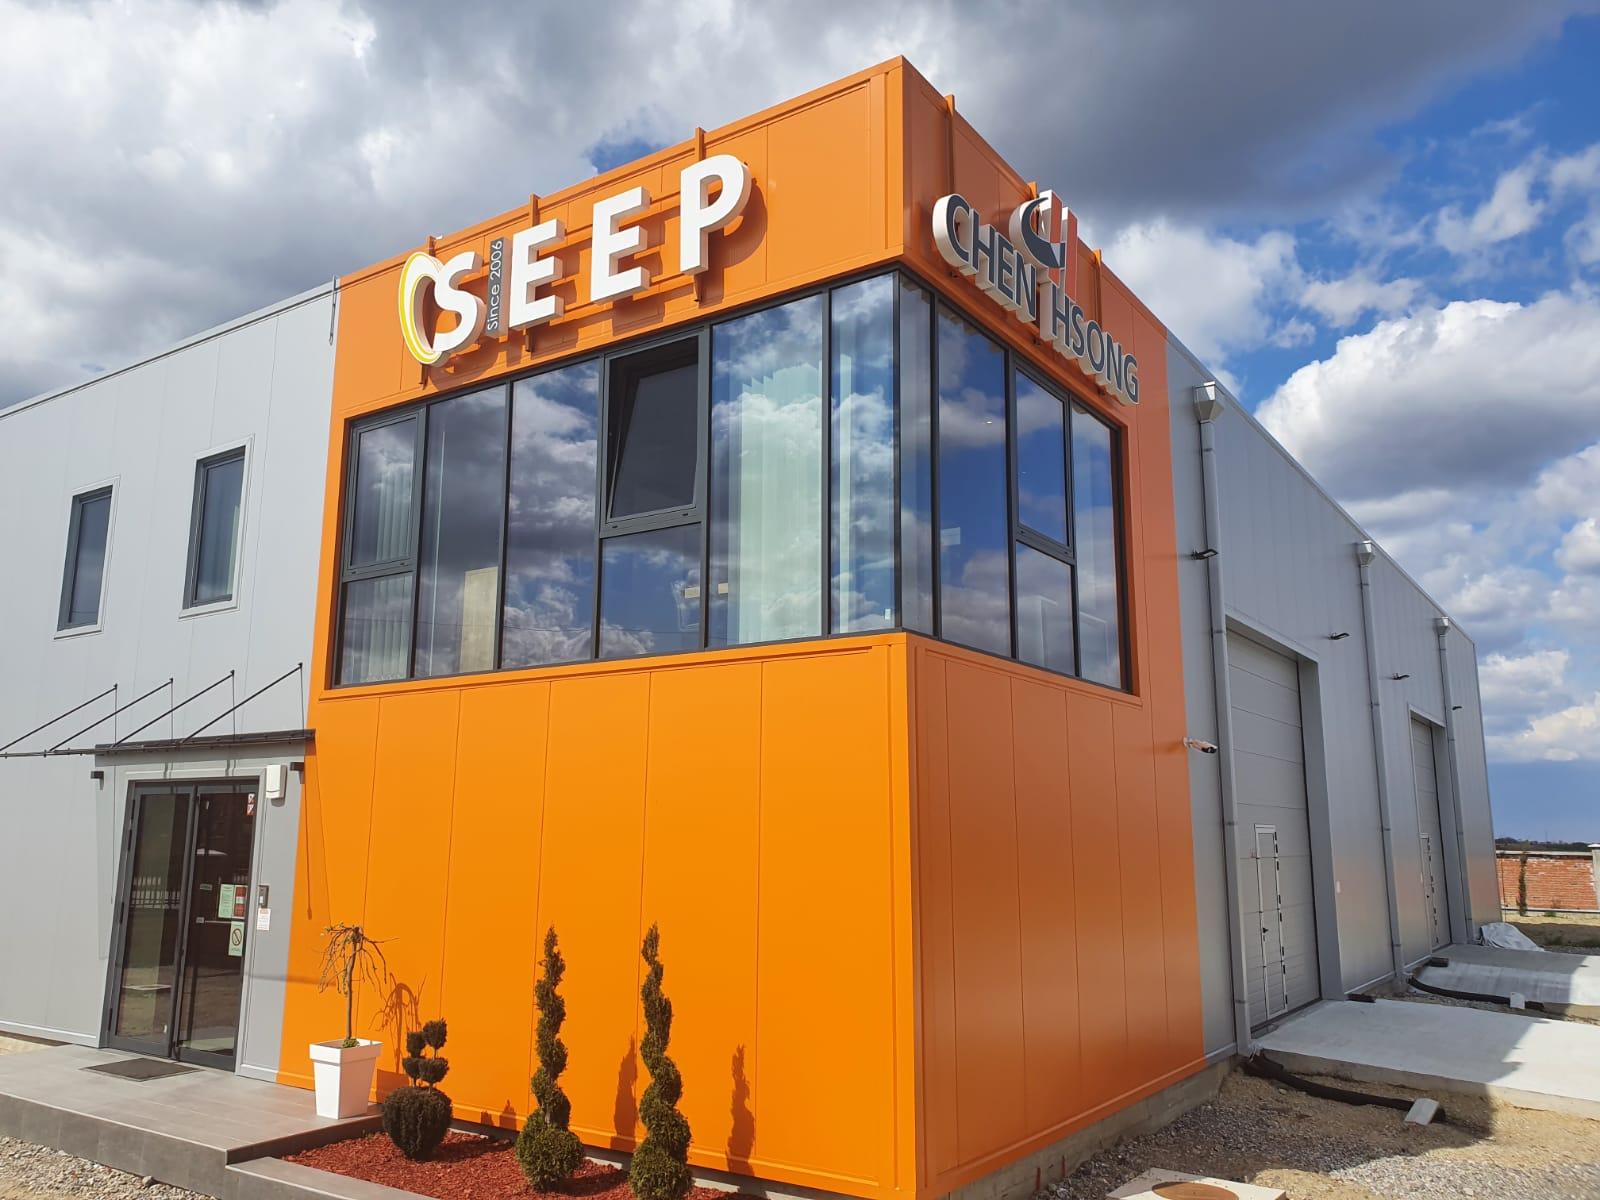 Sjedište firme SEEP koje prodaje mašine za brizganje plastike - Chen Hsong.